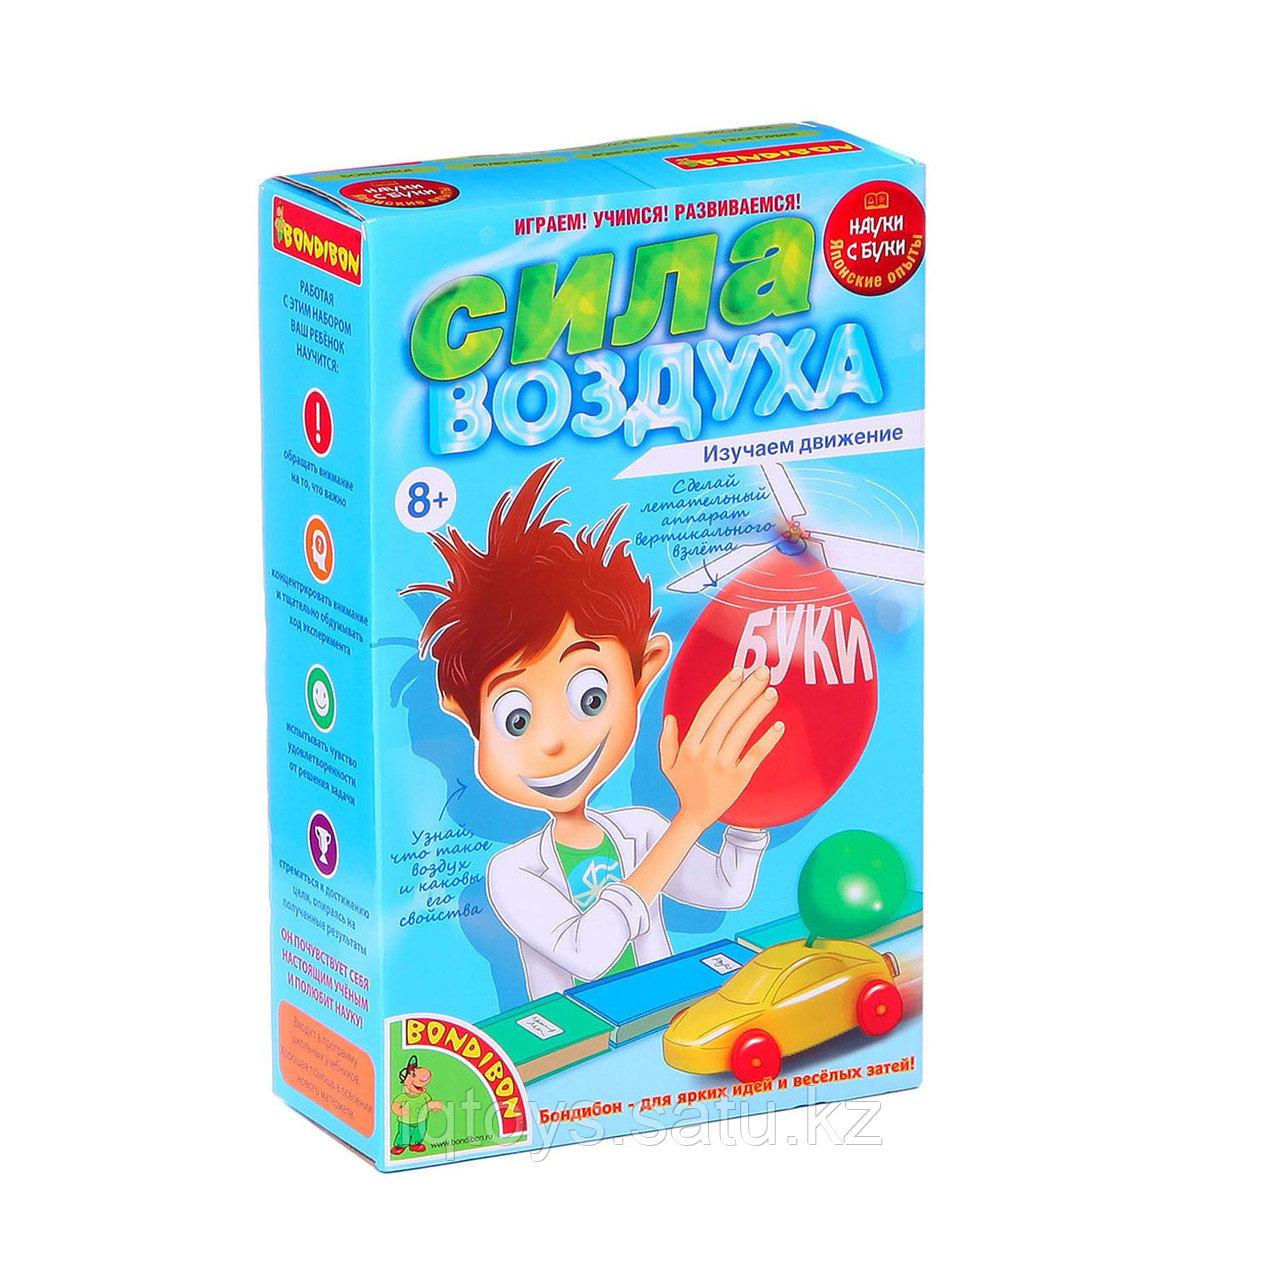 Настольная игра Сила воздуха Бондибон (Bondibon)